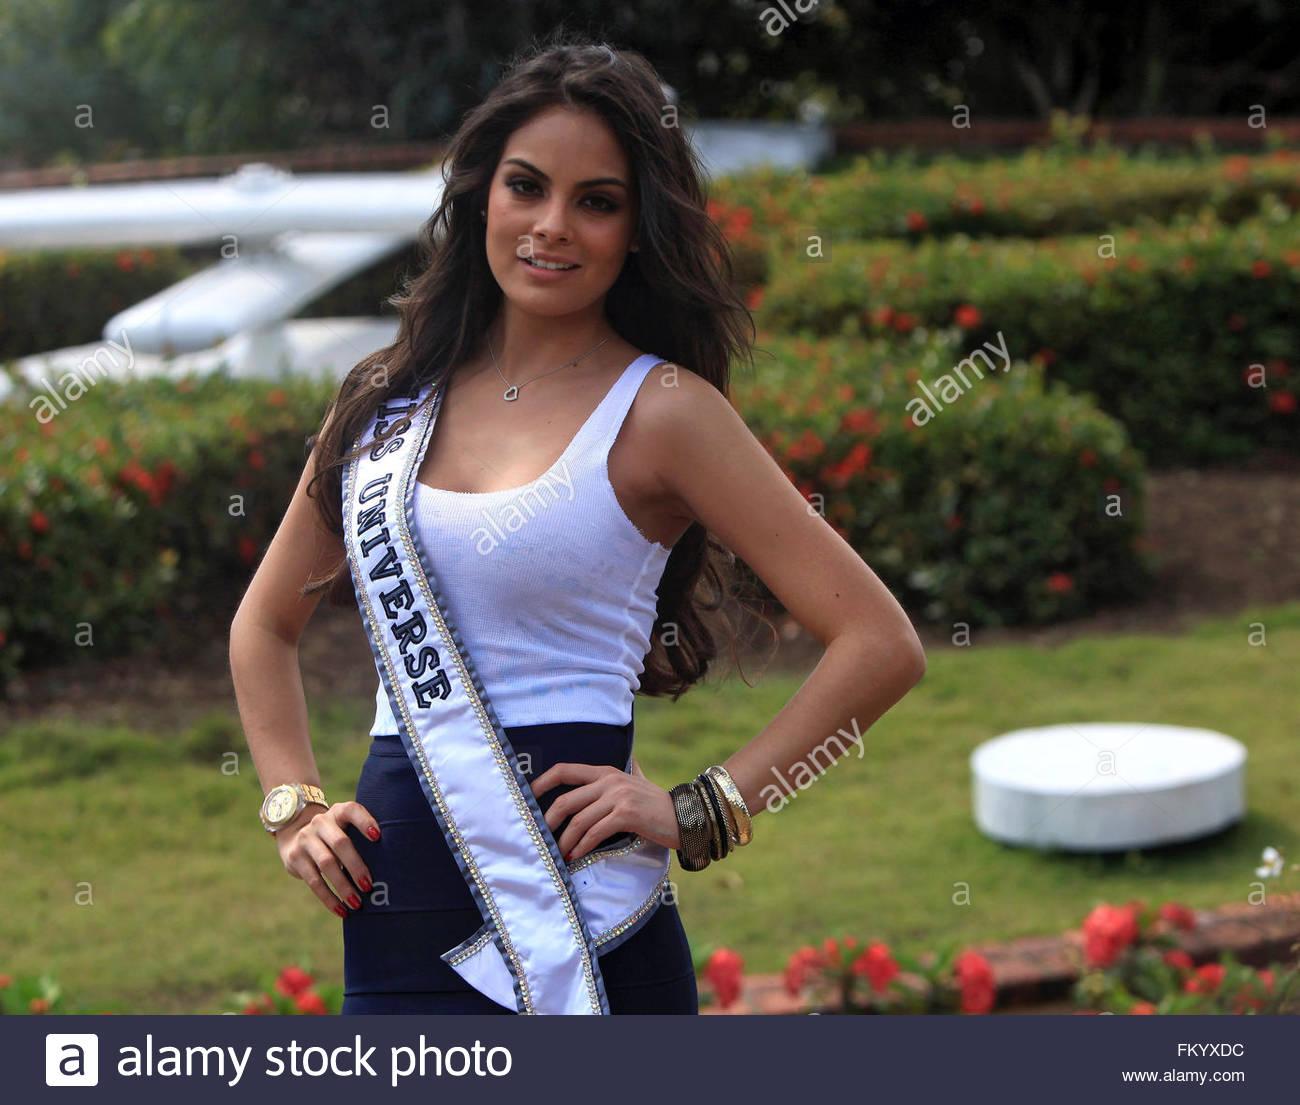 ximena navarrette, miss universe 2010. - Página 47 Epa02624208-mexican-jimena-navarrete-current-miss-universe-poses-during-fkyxdc_qkk3